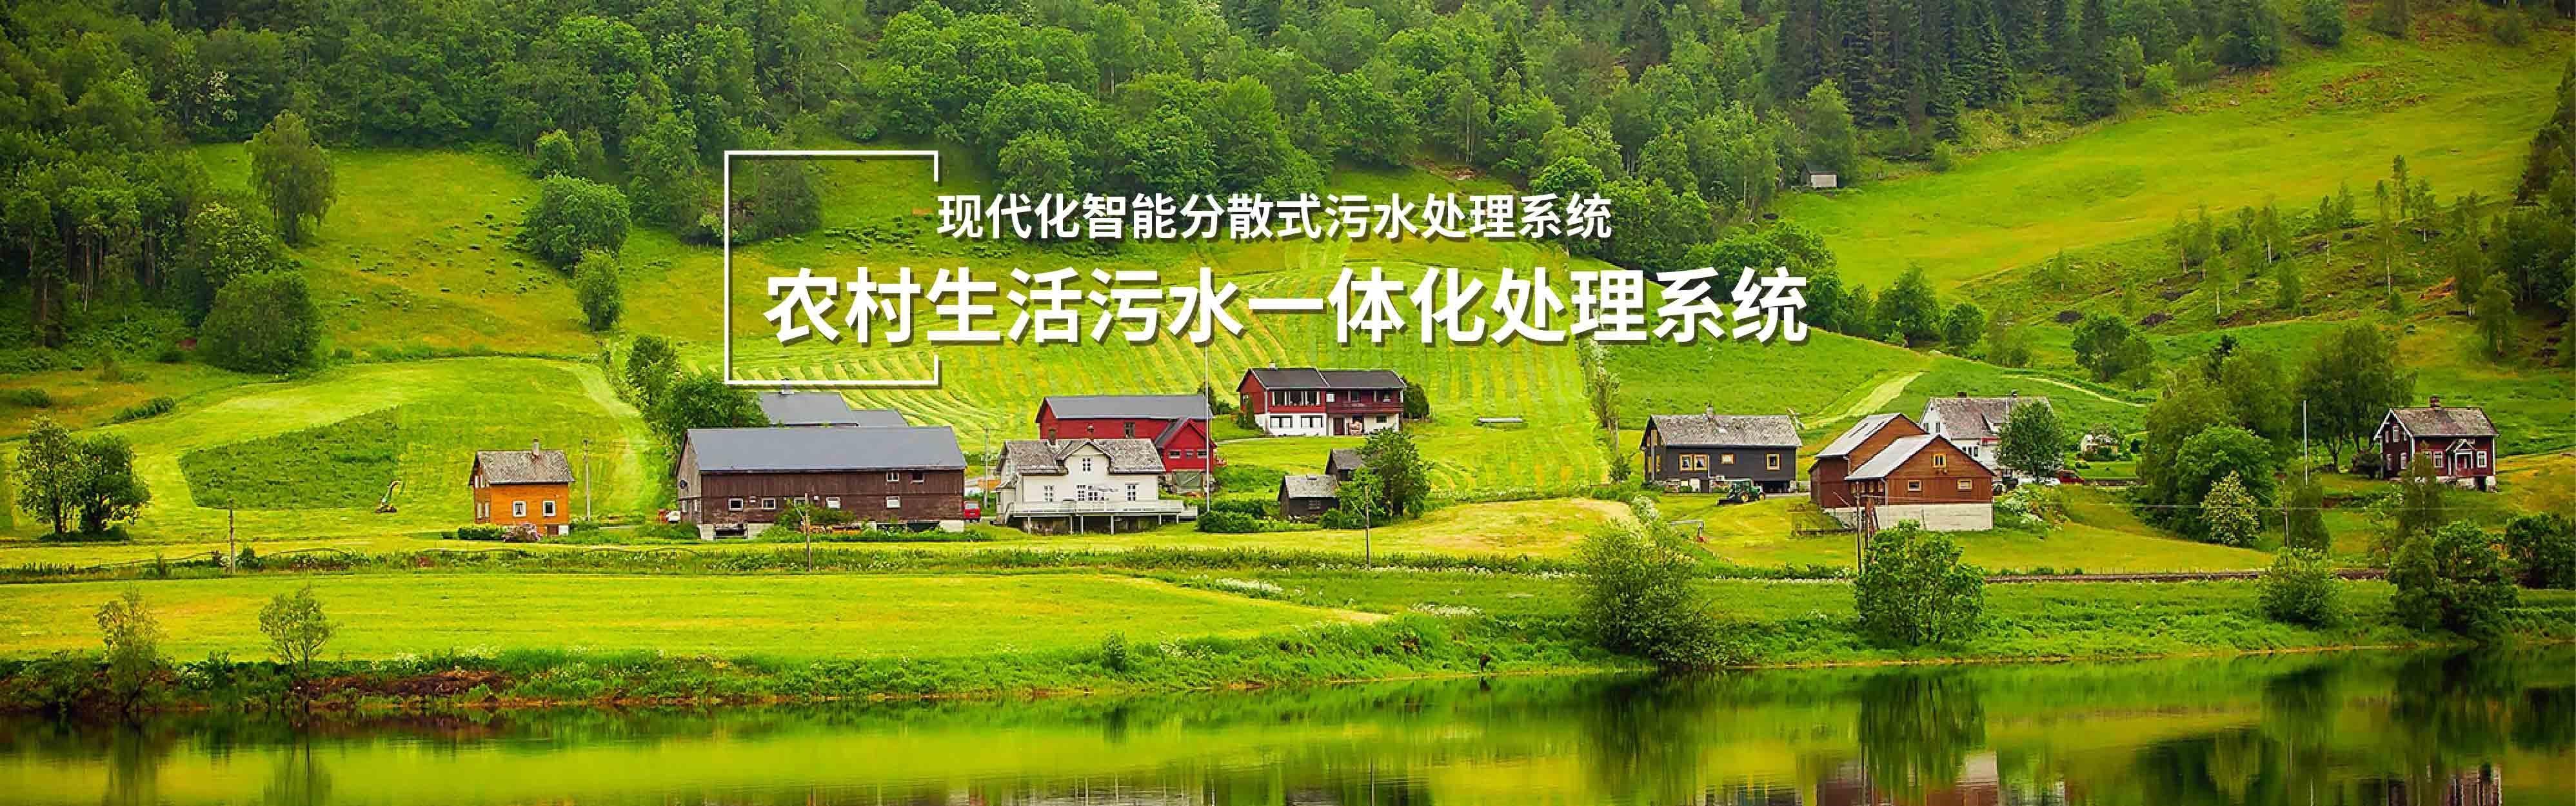 农村生活污水一体化处理系统